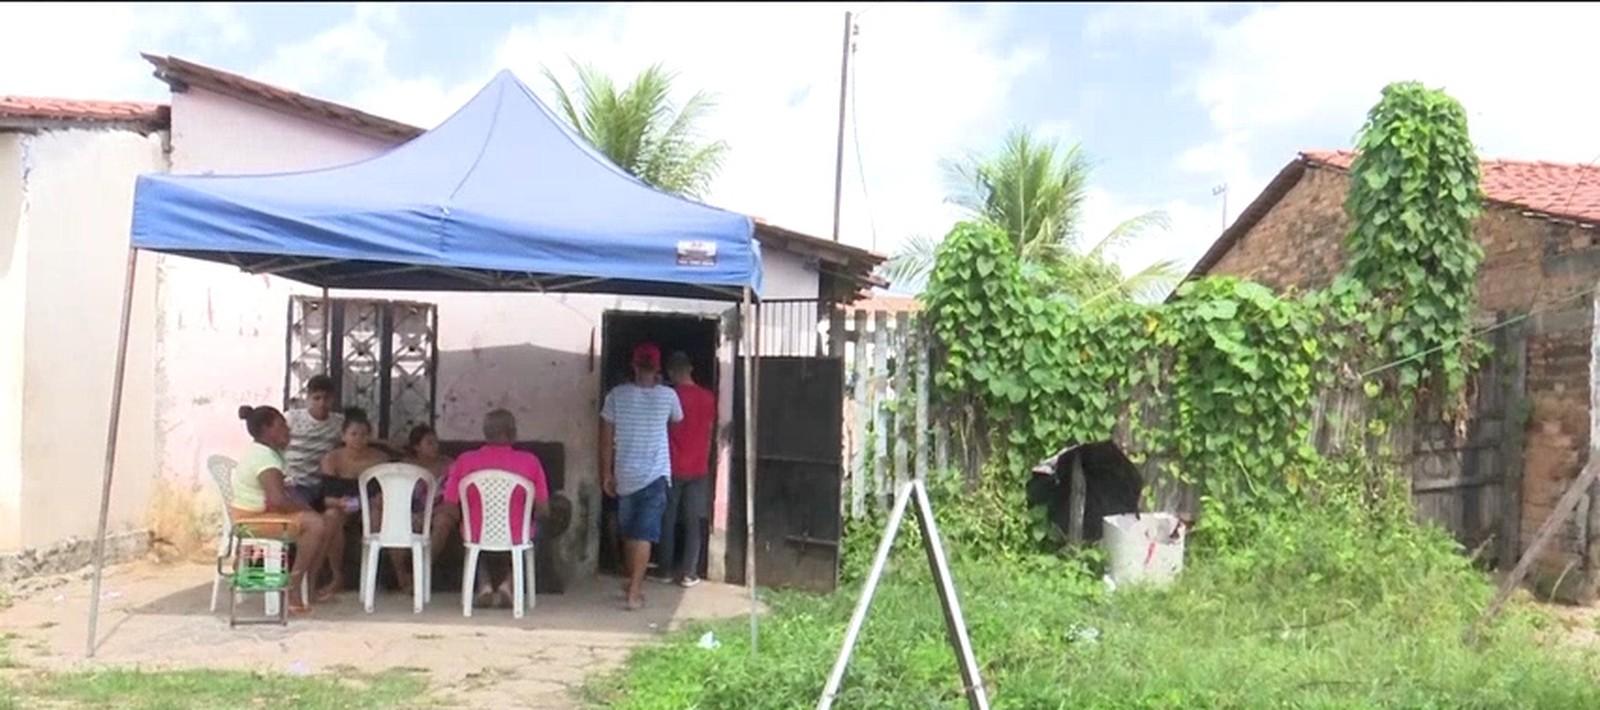 Criança morre durante tiroteio de gangues rivais no Maranhão - Imagem 2